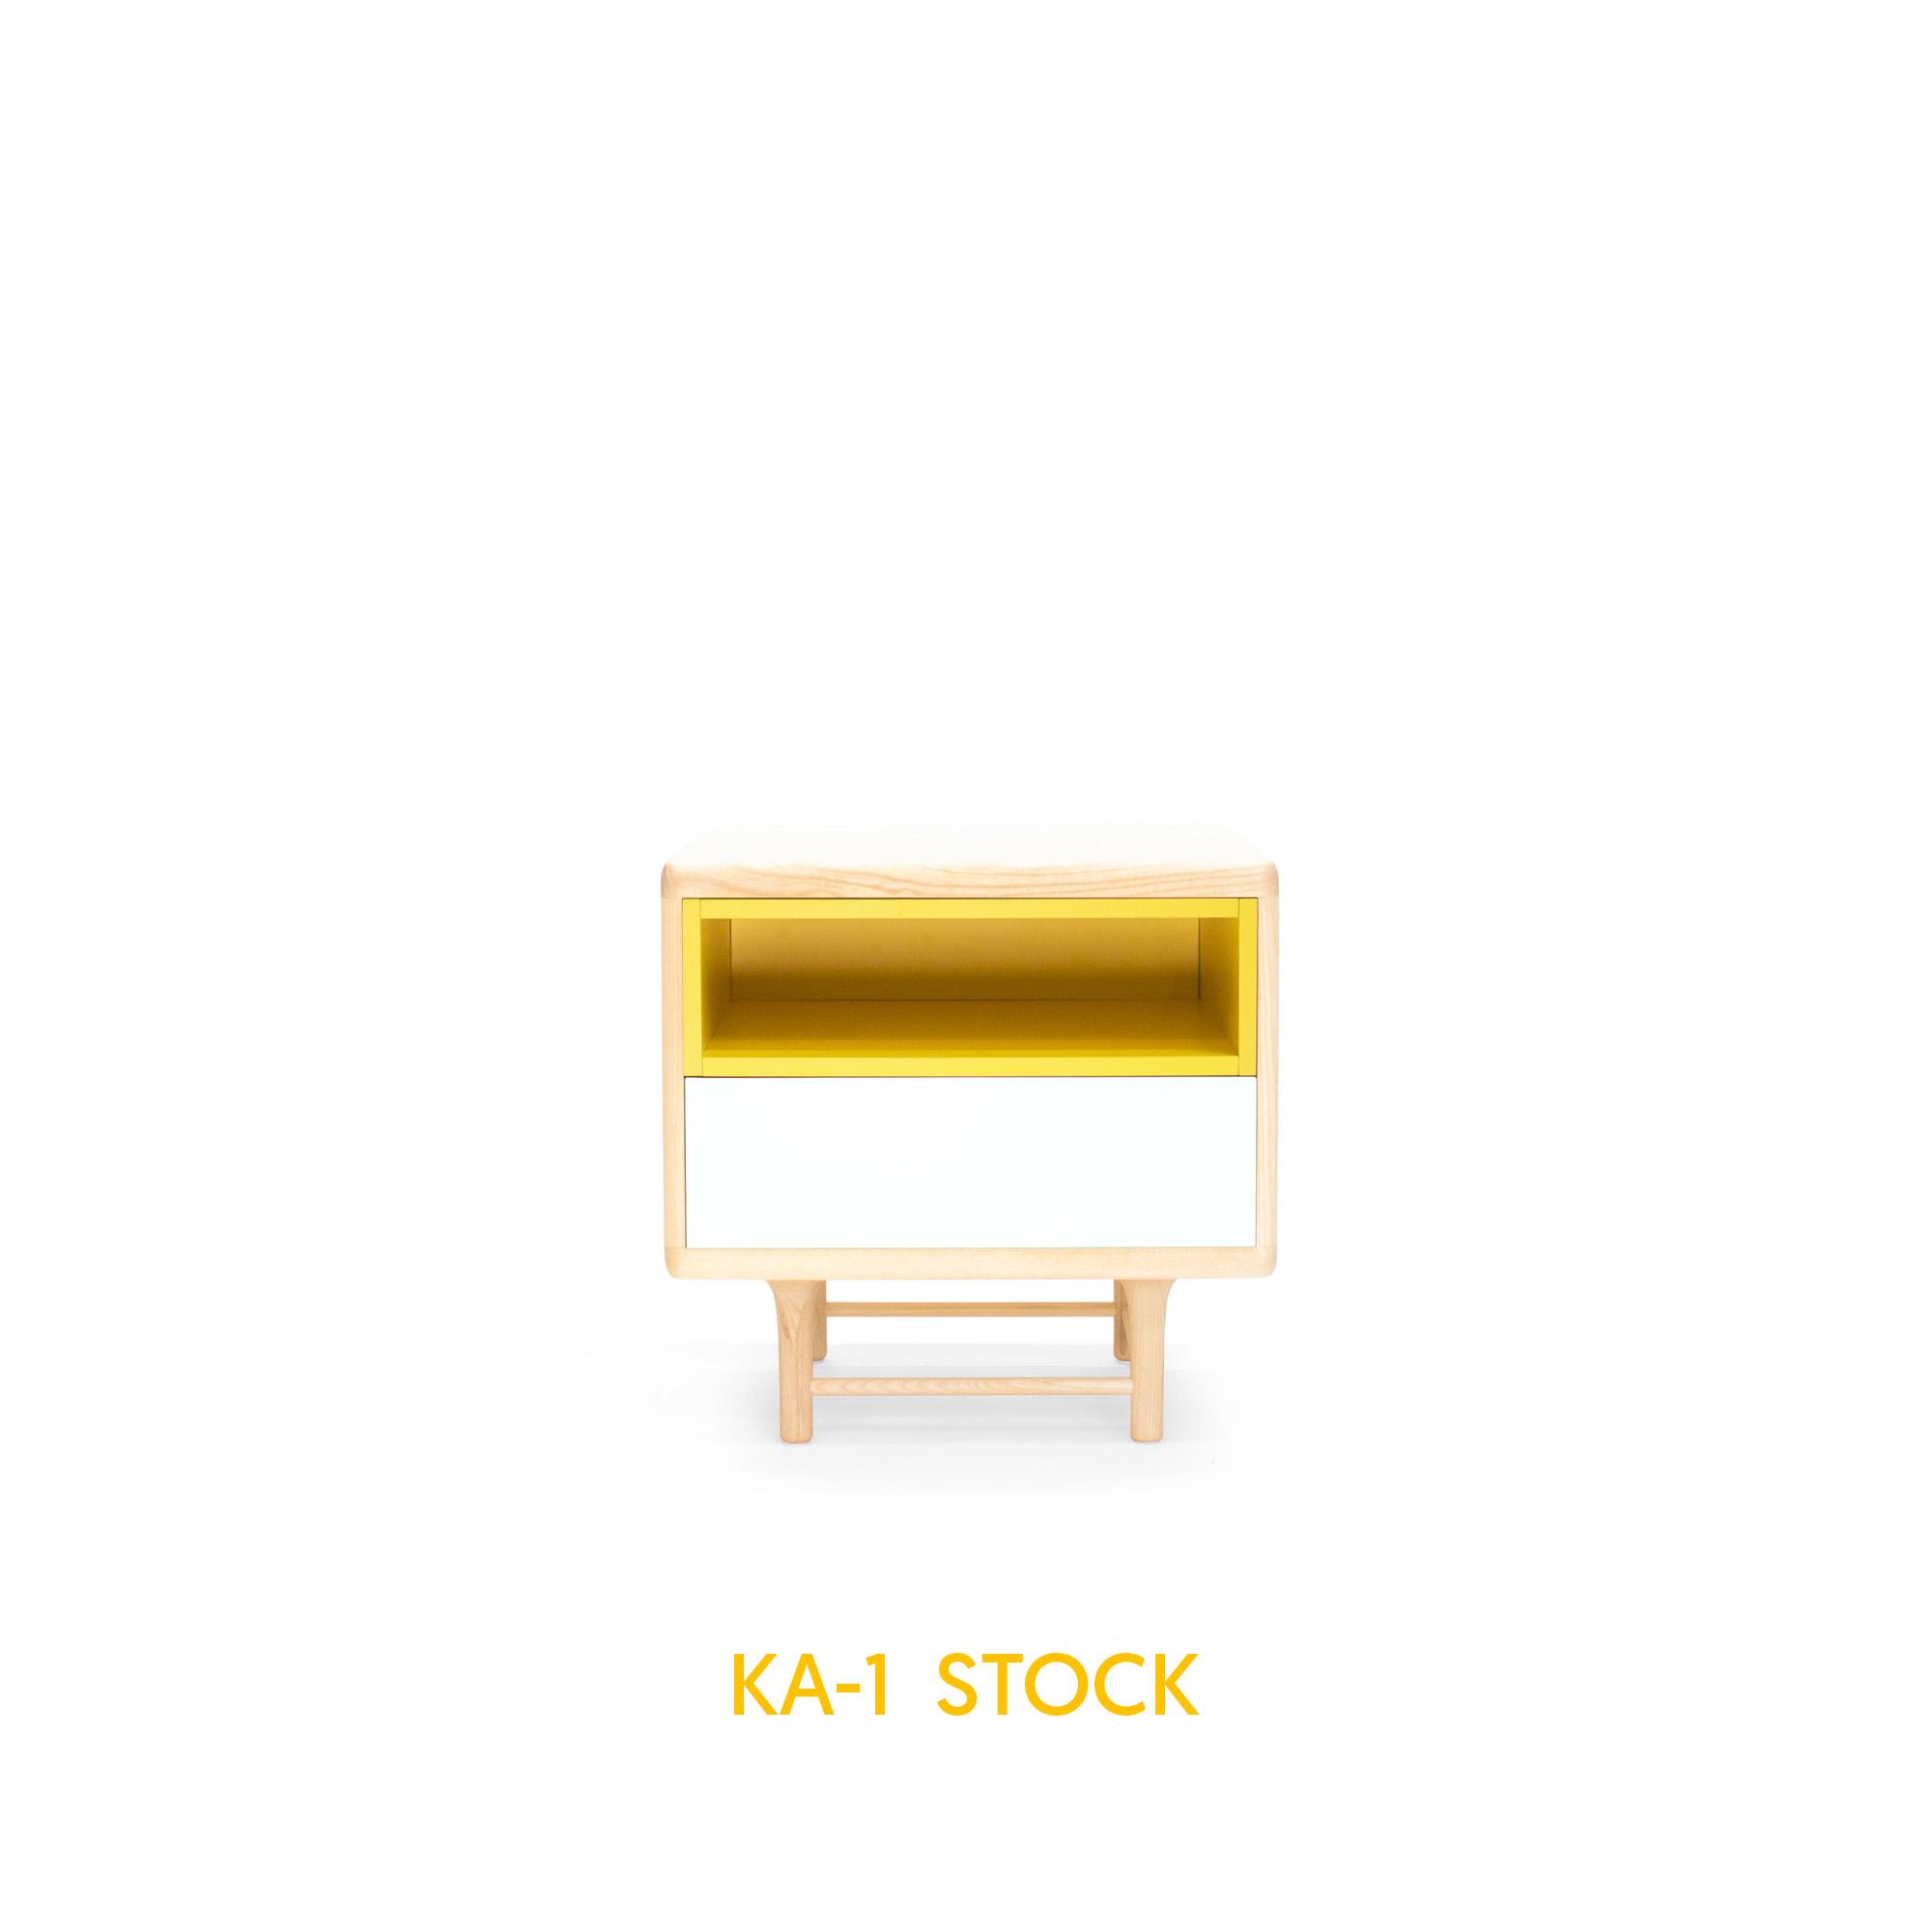 KA-1 STOCK2.jpg